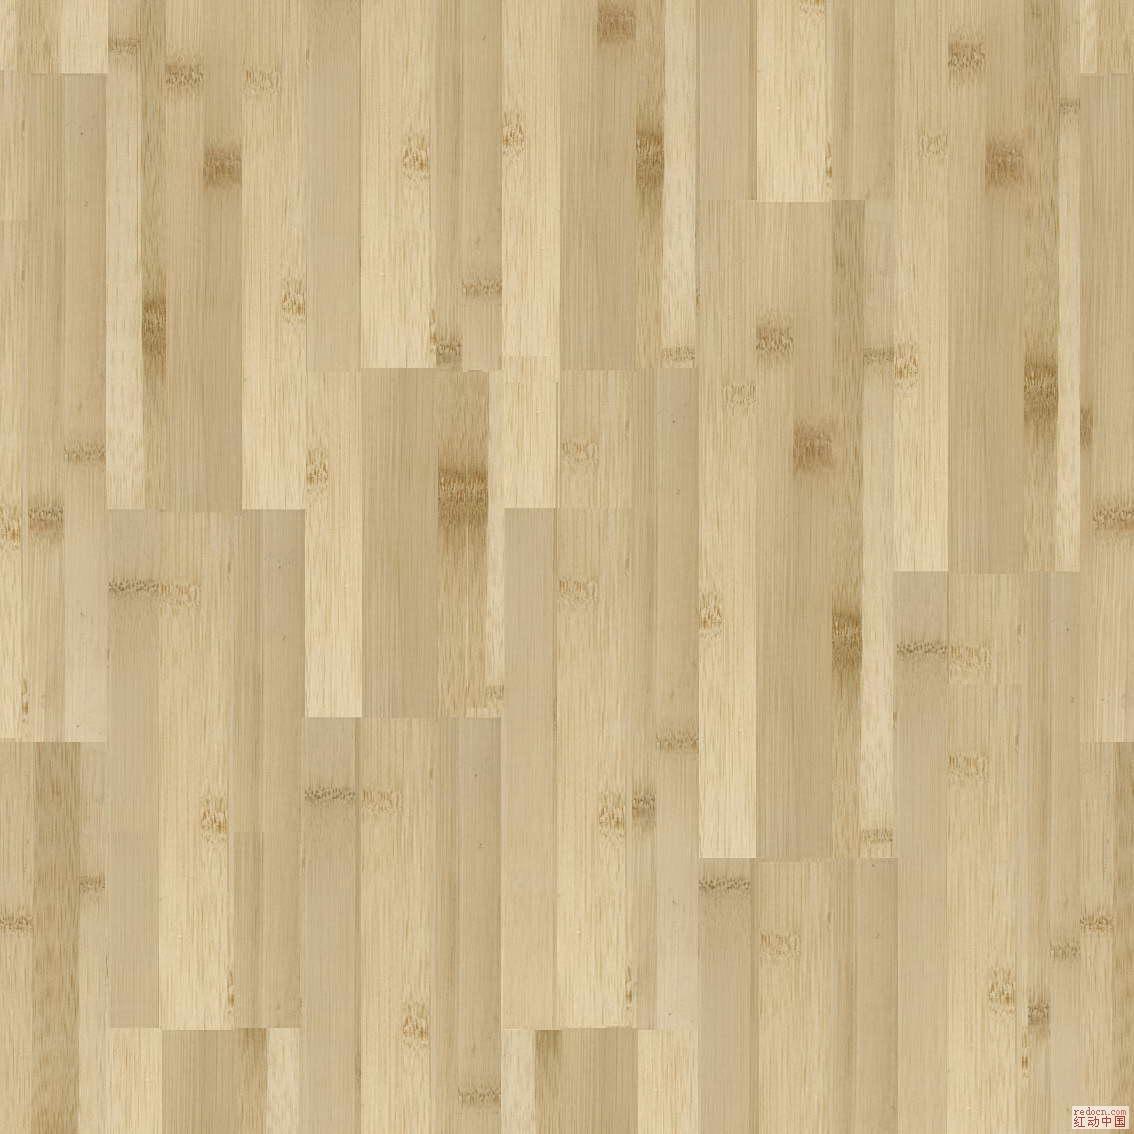 大理石拼花_3D素材(材质/模型/贴图/cad图库/教程)_素材下载_资讯娱乐 专业设计网 - 红动中国-Redocn - 国内知名的设计论坛!